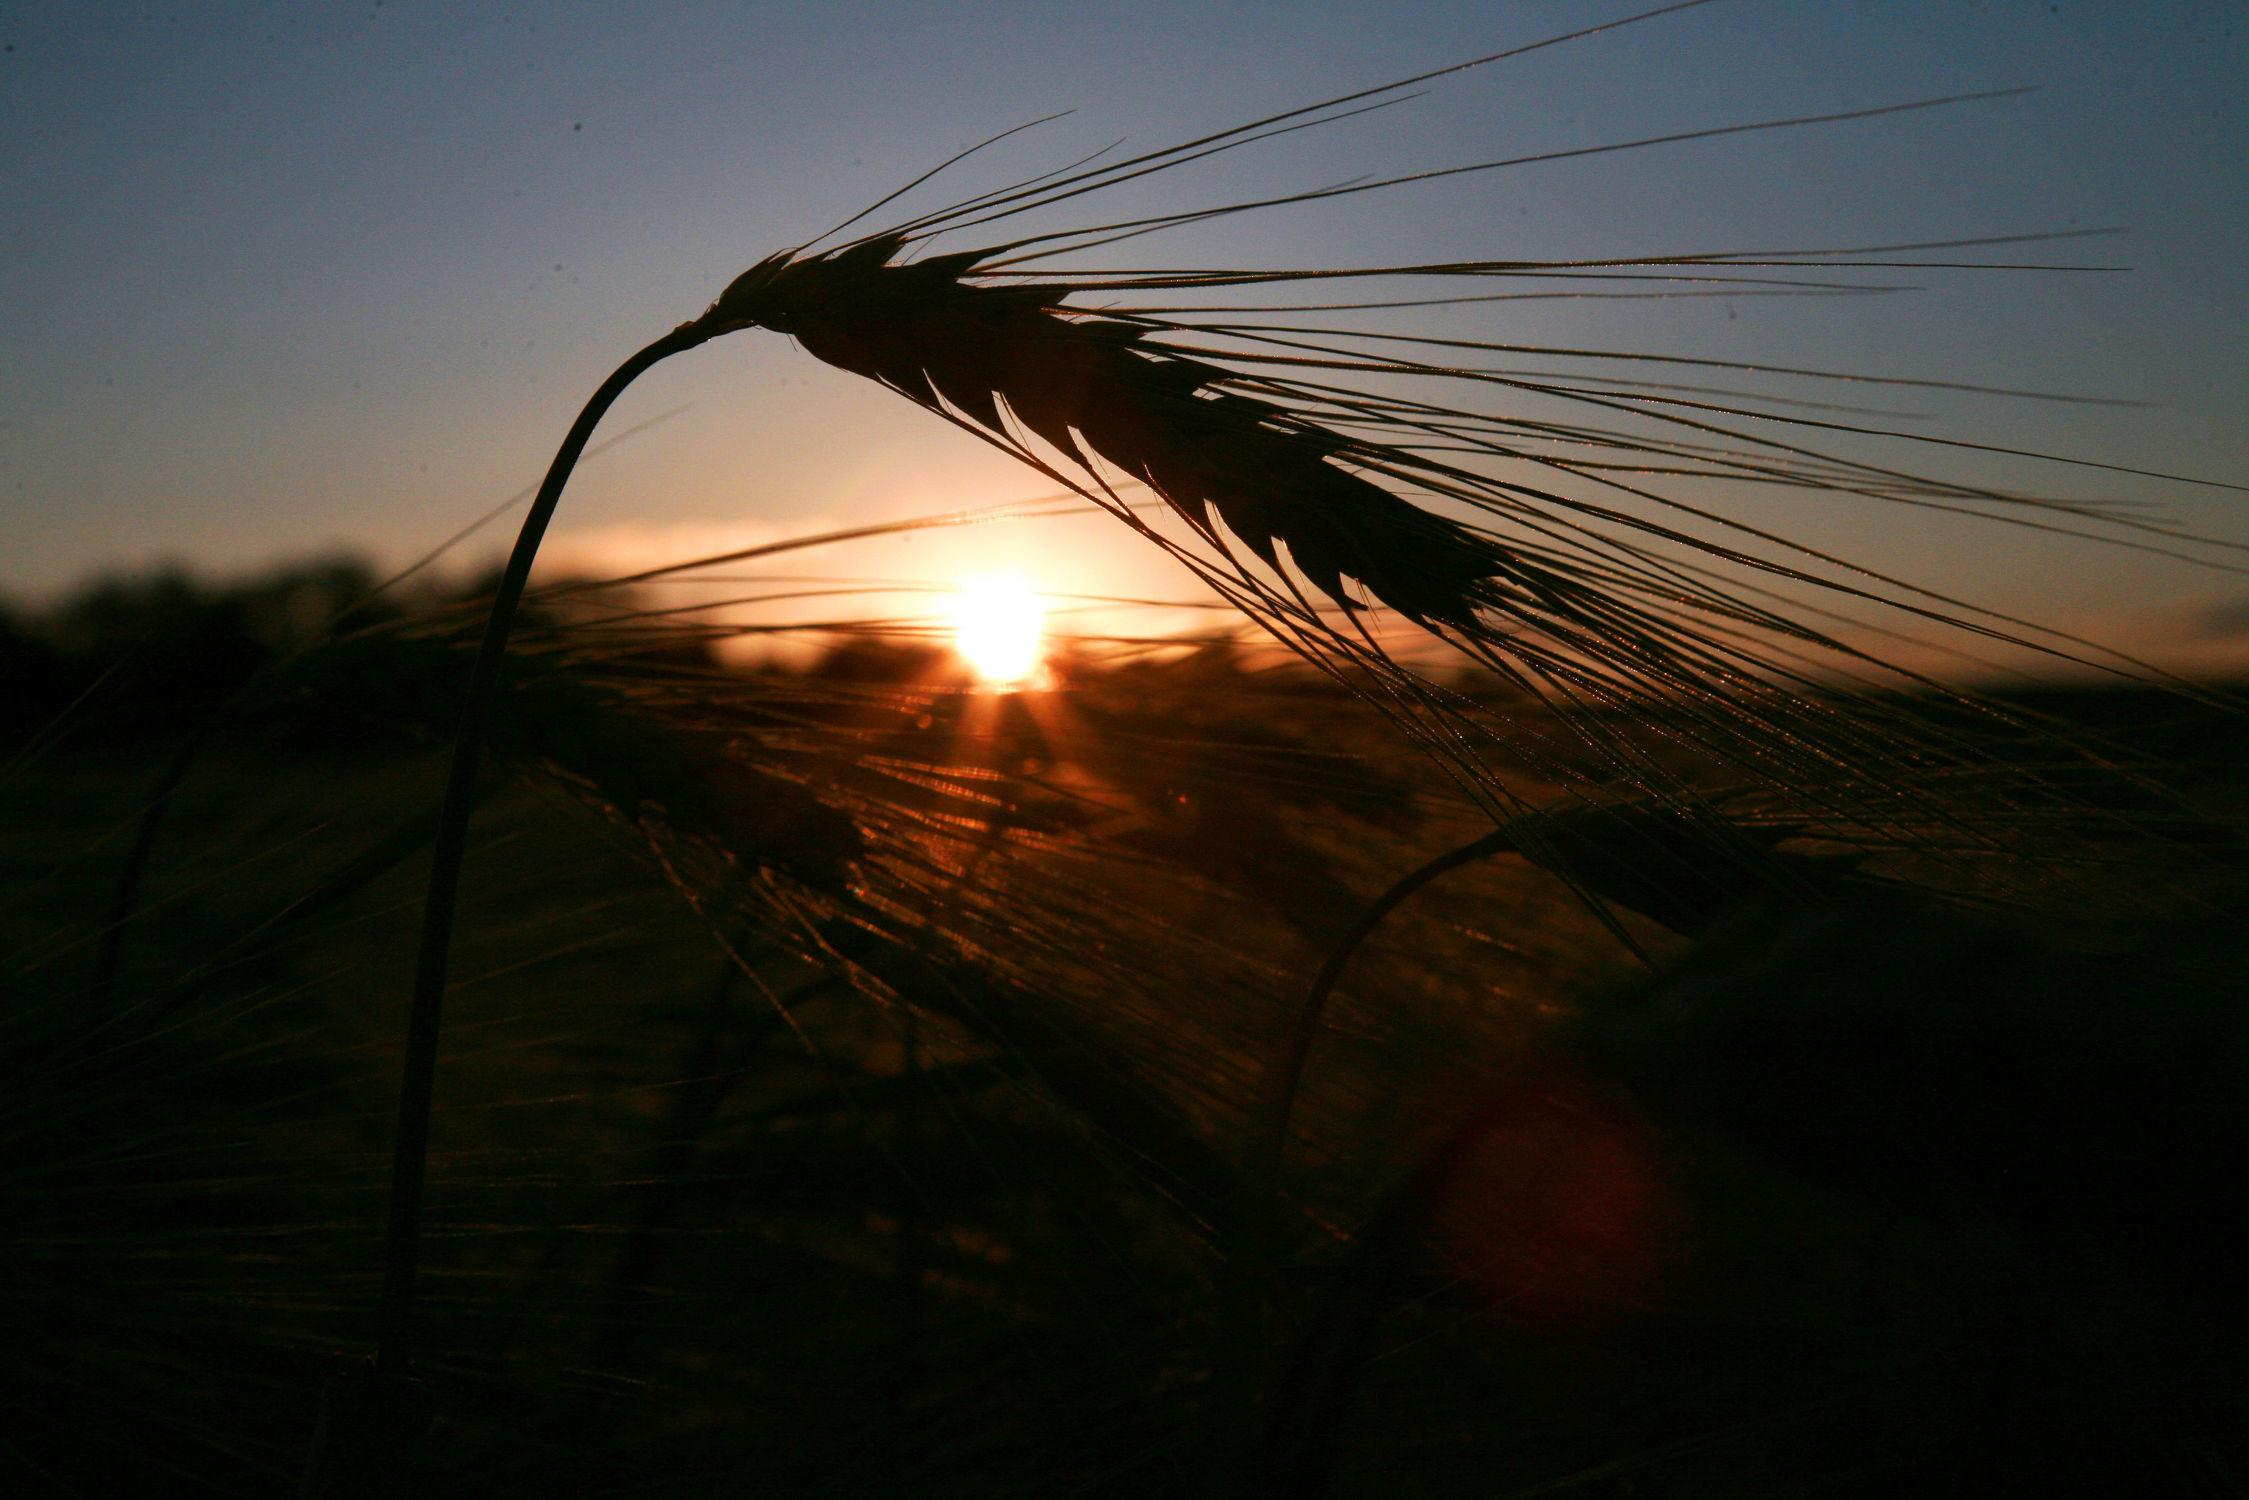 Bild mit Getreide, Feld, Felder, Felder & Wiesen, landwirtschaft, Weizen, Anbau